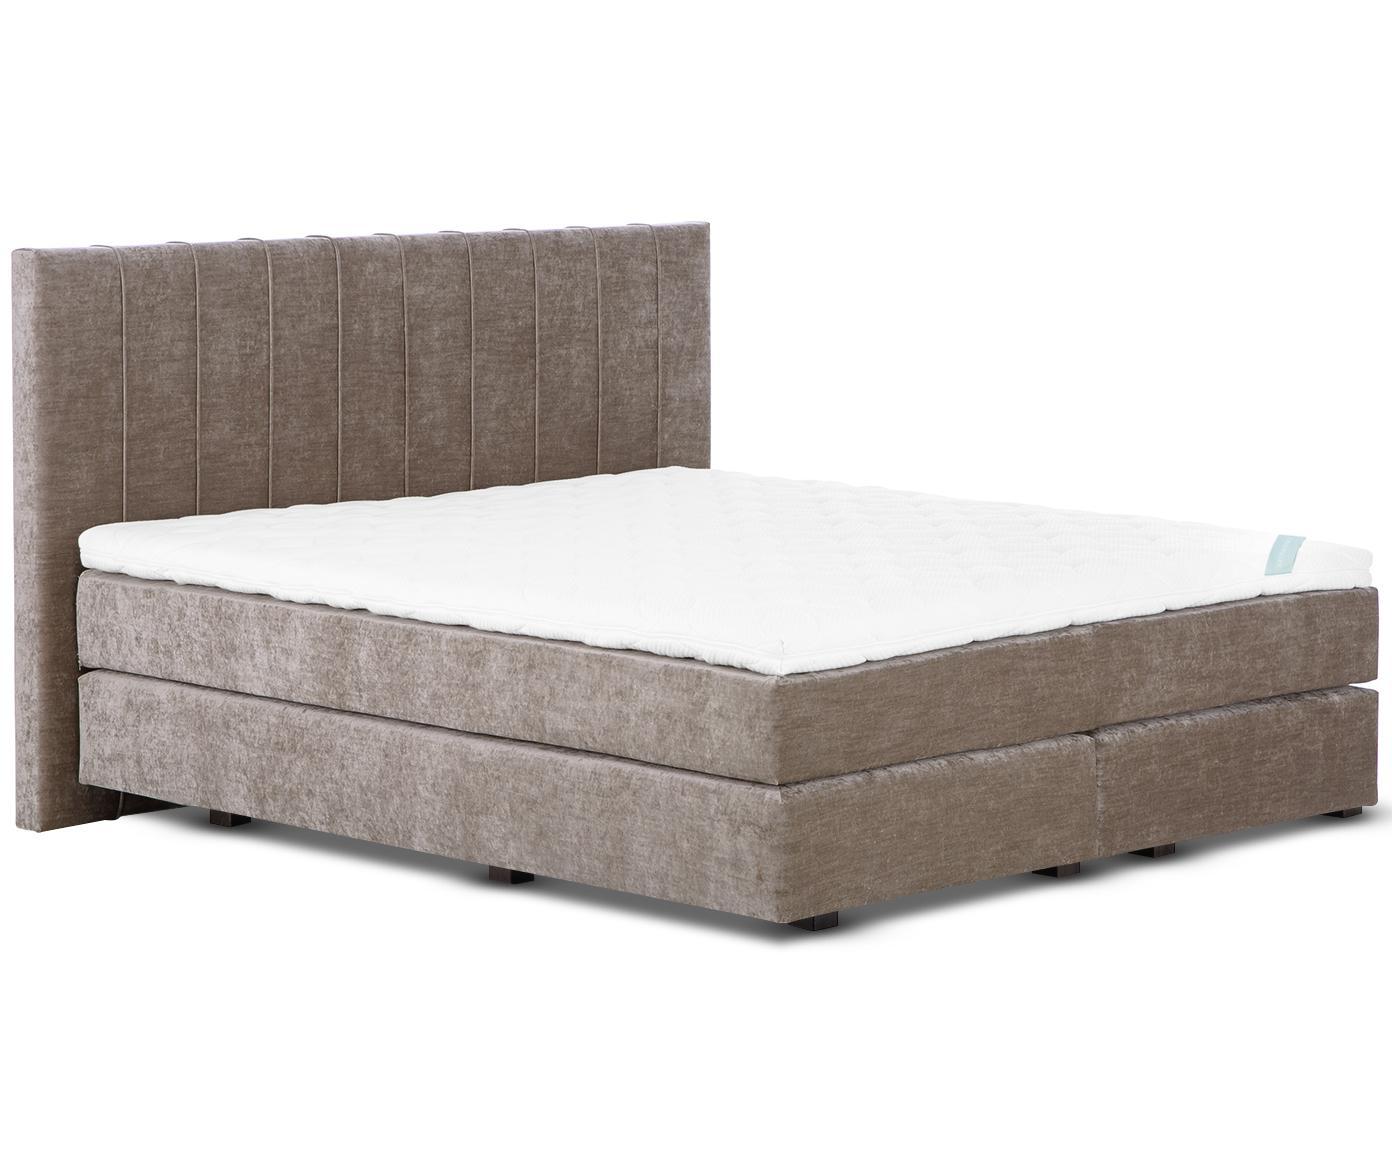 Łóżko kontynentalne z aksamitu premium Lacey, Nogi: lite drewno bukowe, lakie, Taupe, 140 x 200 cm